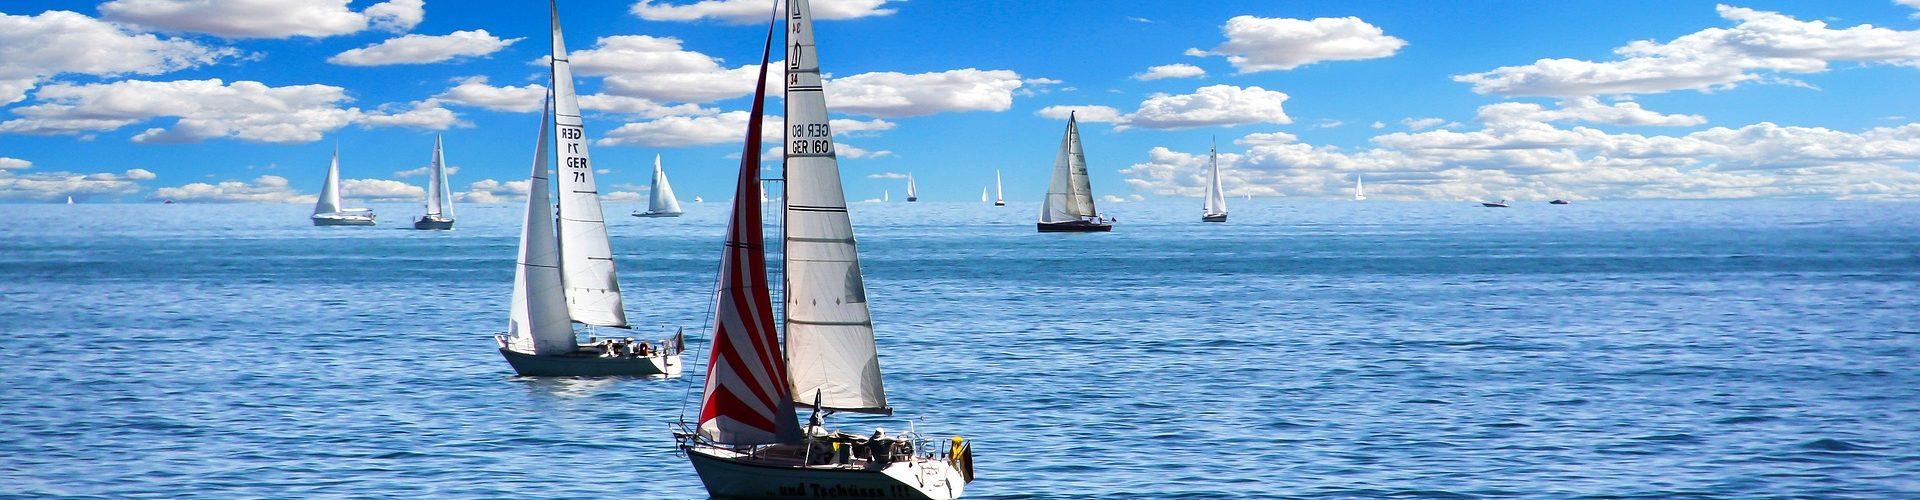 segeln lernen in Attendorn segelschein machen in Attendorn 1920x500 - Segeln lernen in Attendorn